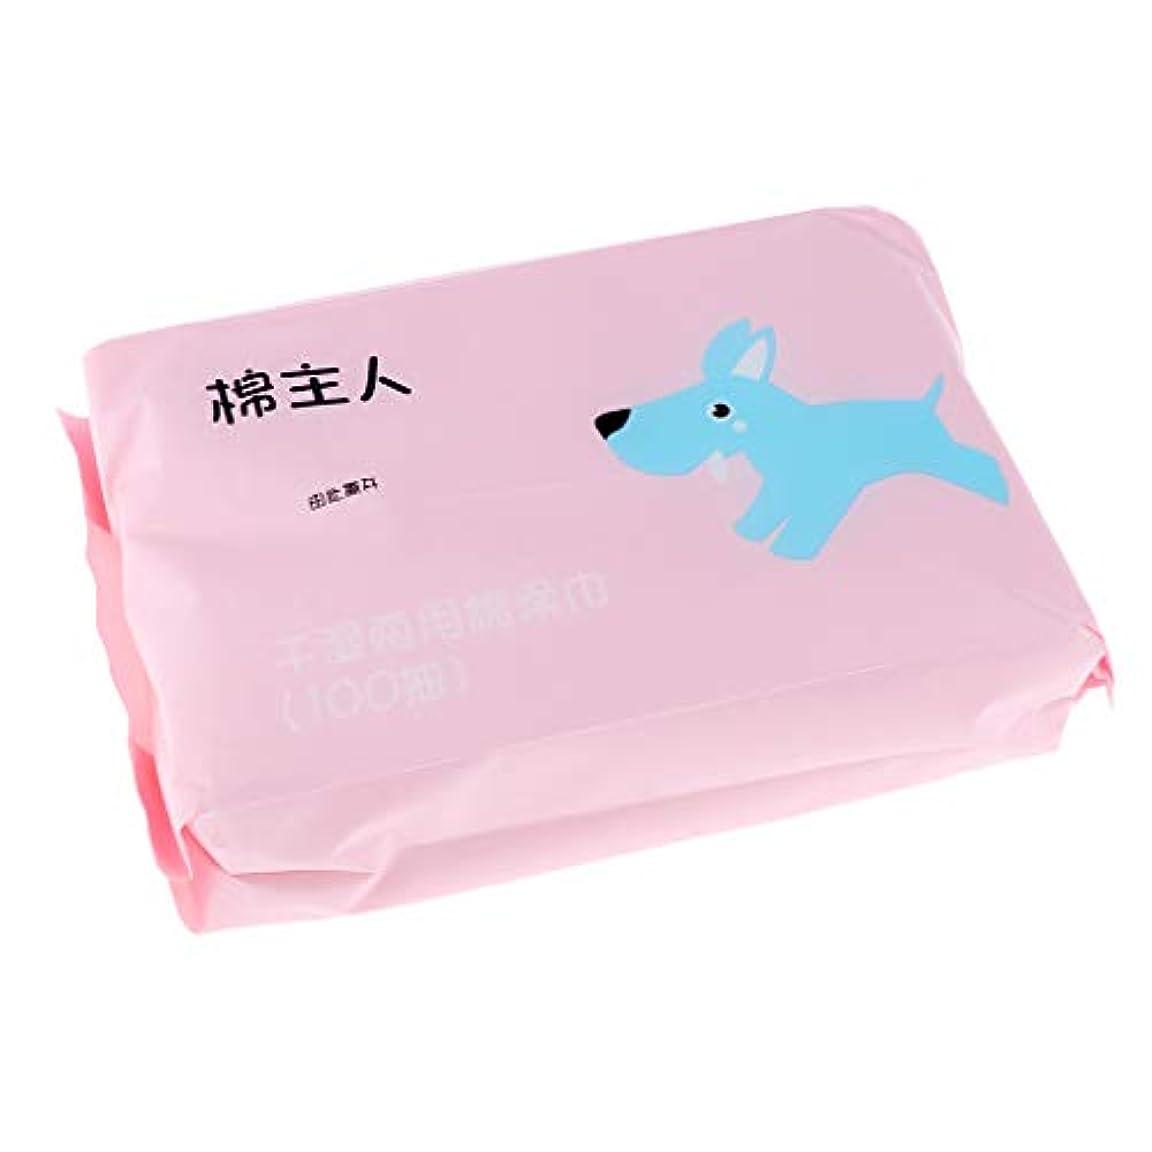 パイント気分貪欲約100枚 使い捨て クレンジングシート ソフト 2色選べ - ピンク